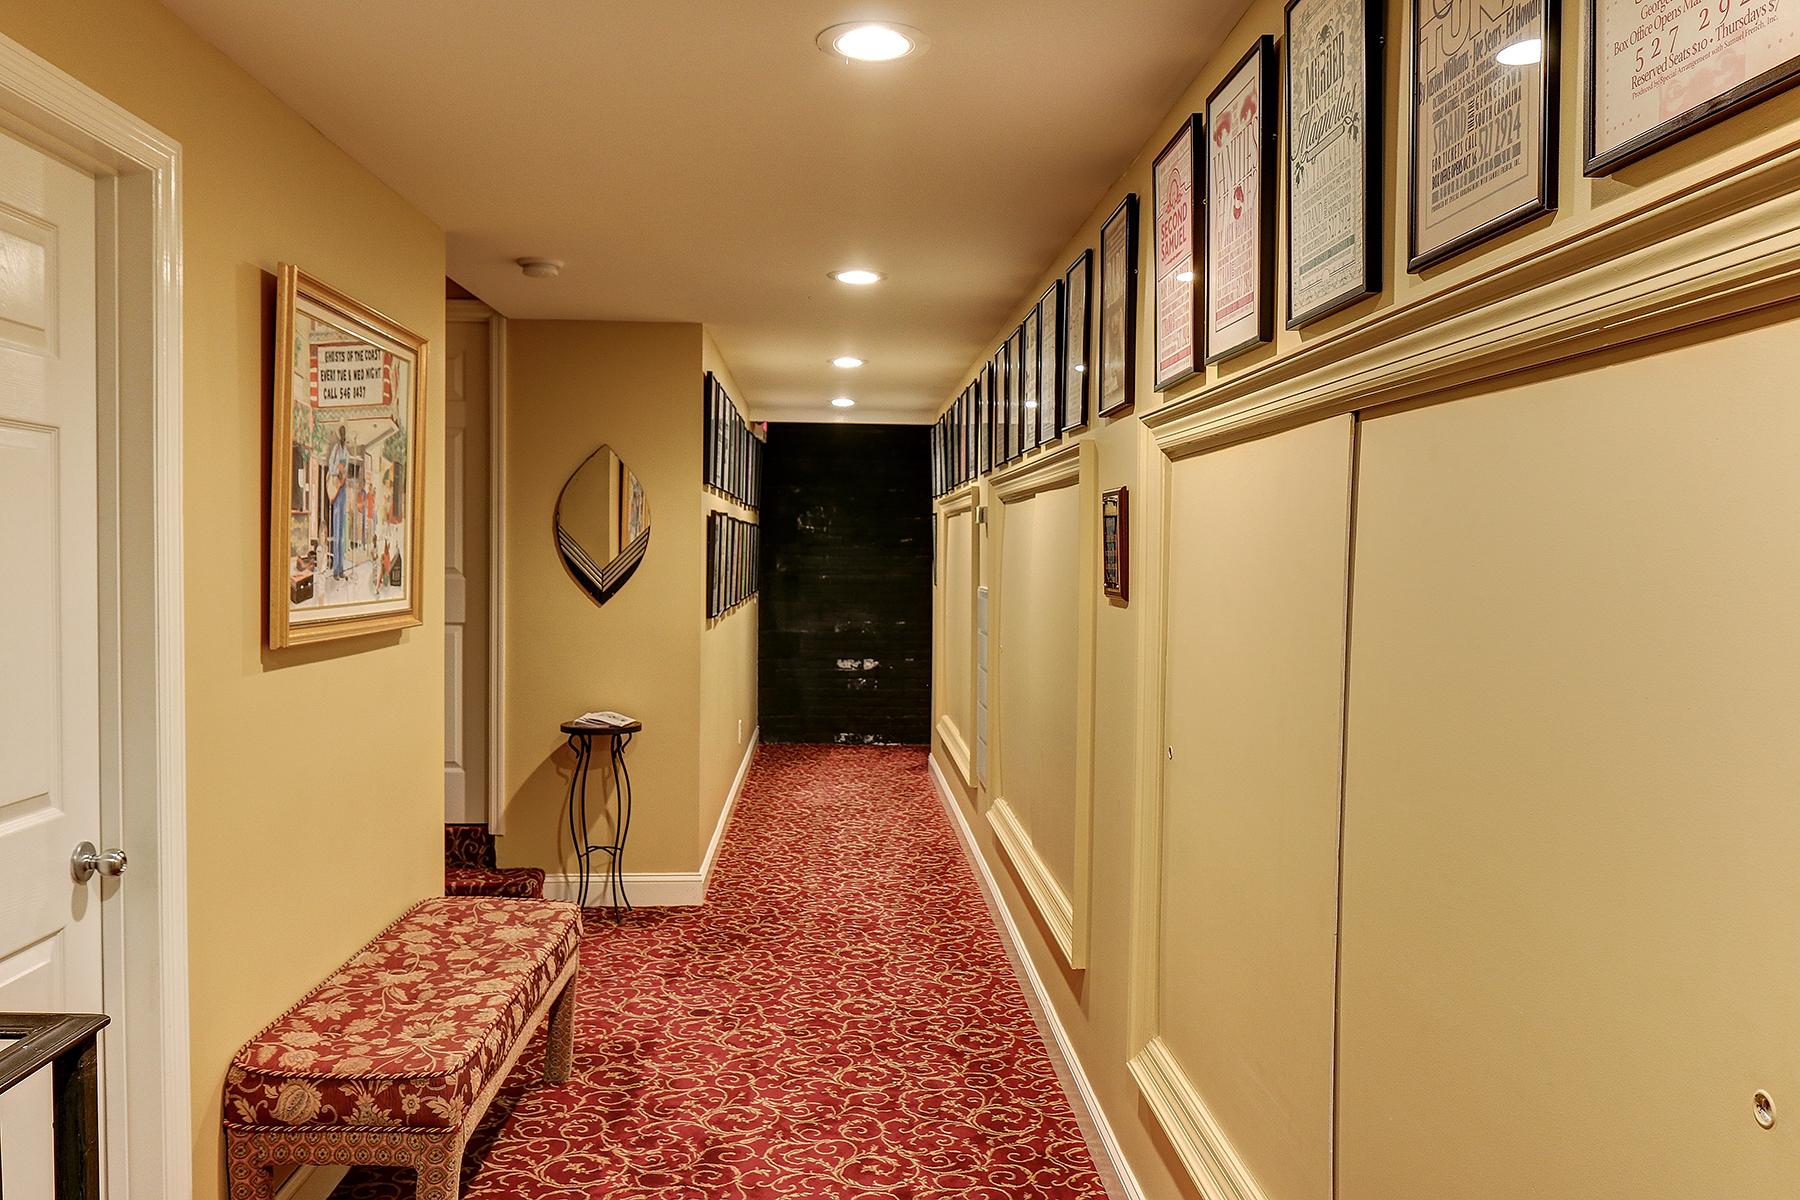 Strand Theater - upstairs hall MLS.jpg